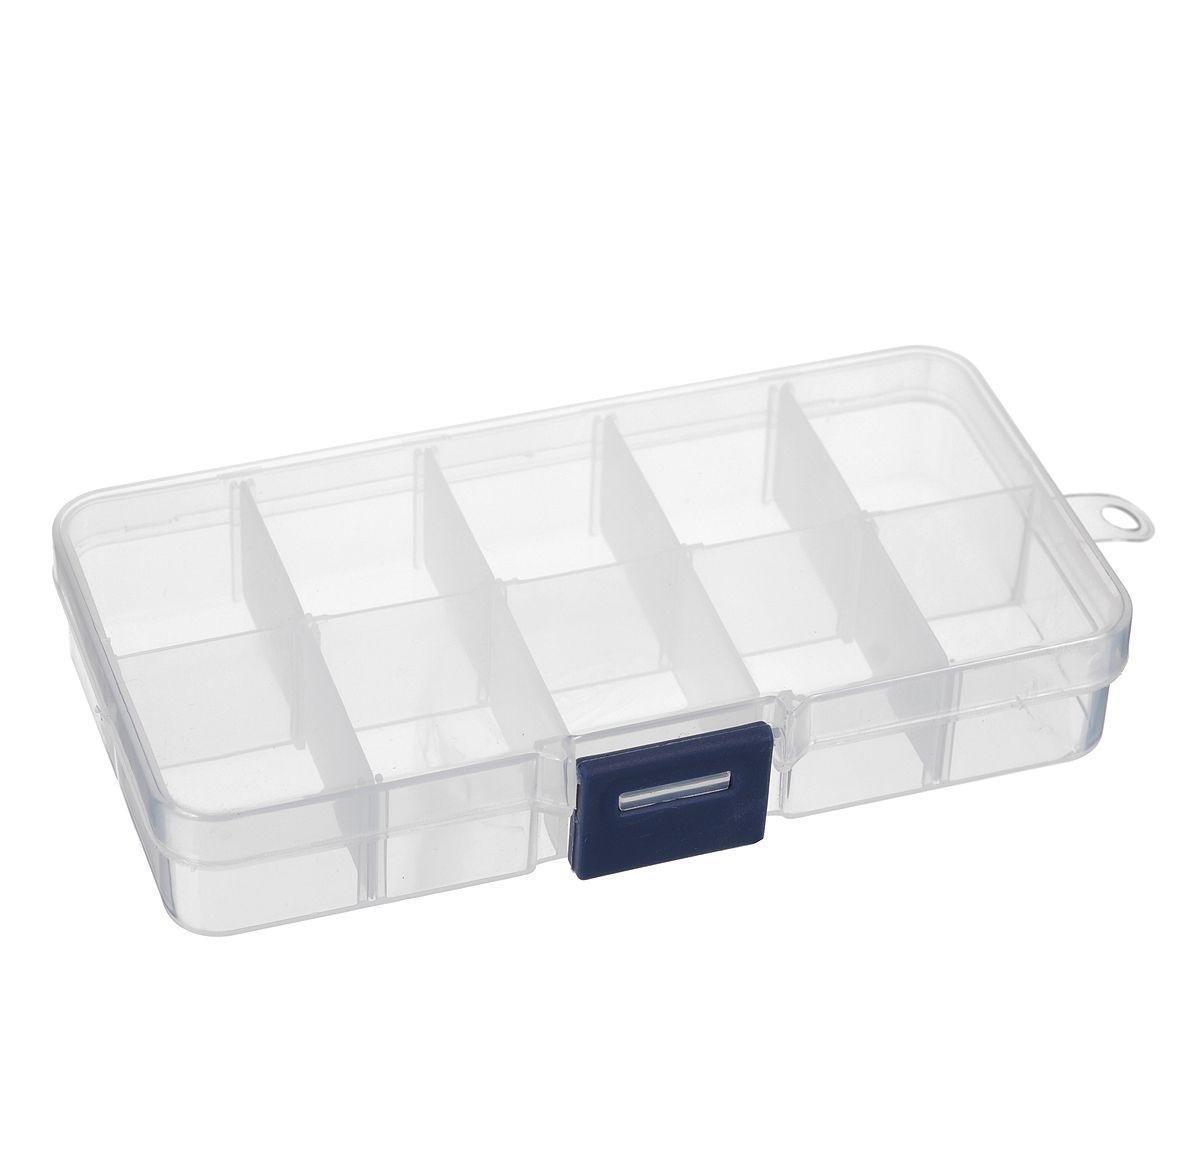 Контейнер для мелочей, 13,2 см х 6,8 см х 2,3 см. 529RG-D31SКонтейнер для мелочей изготовлен из прозрачного пластика, что позволяет видеть содержимое. Внутри содержится 10 ячеек (с вынимающимися перегородками) для хранения мелких принадлежностей. Крышка плотно закрывается на замок-защелку. Такой контейнер поможет держать вещи в порядке.